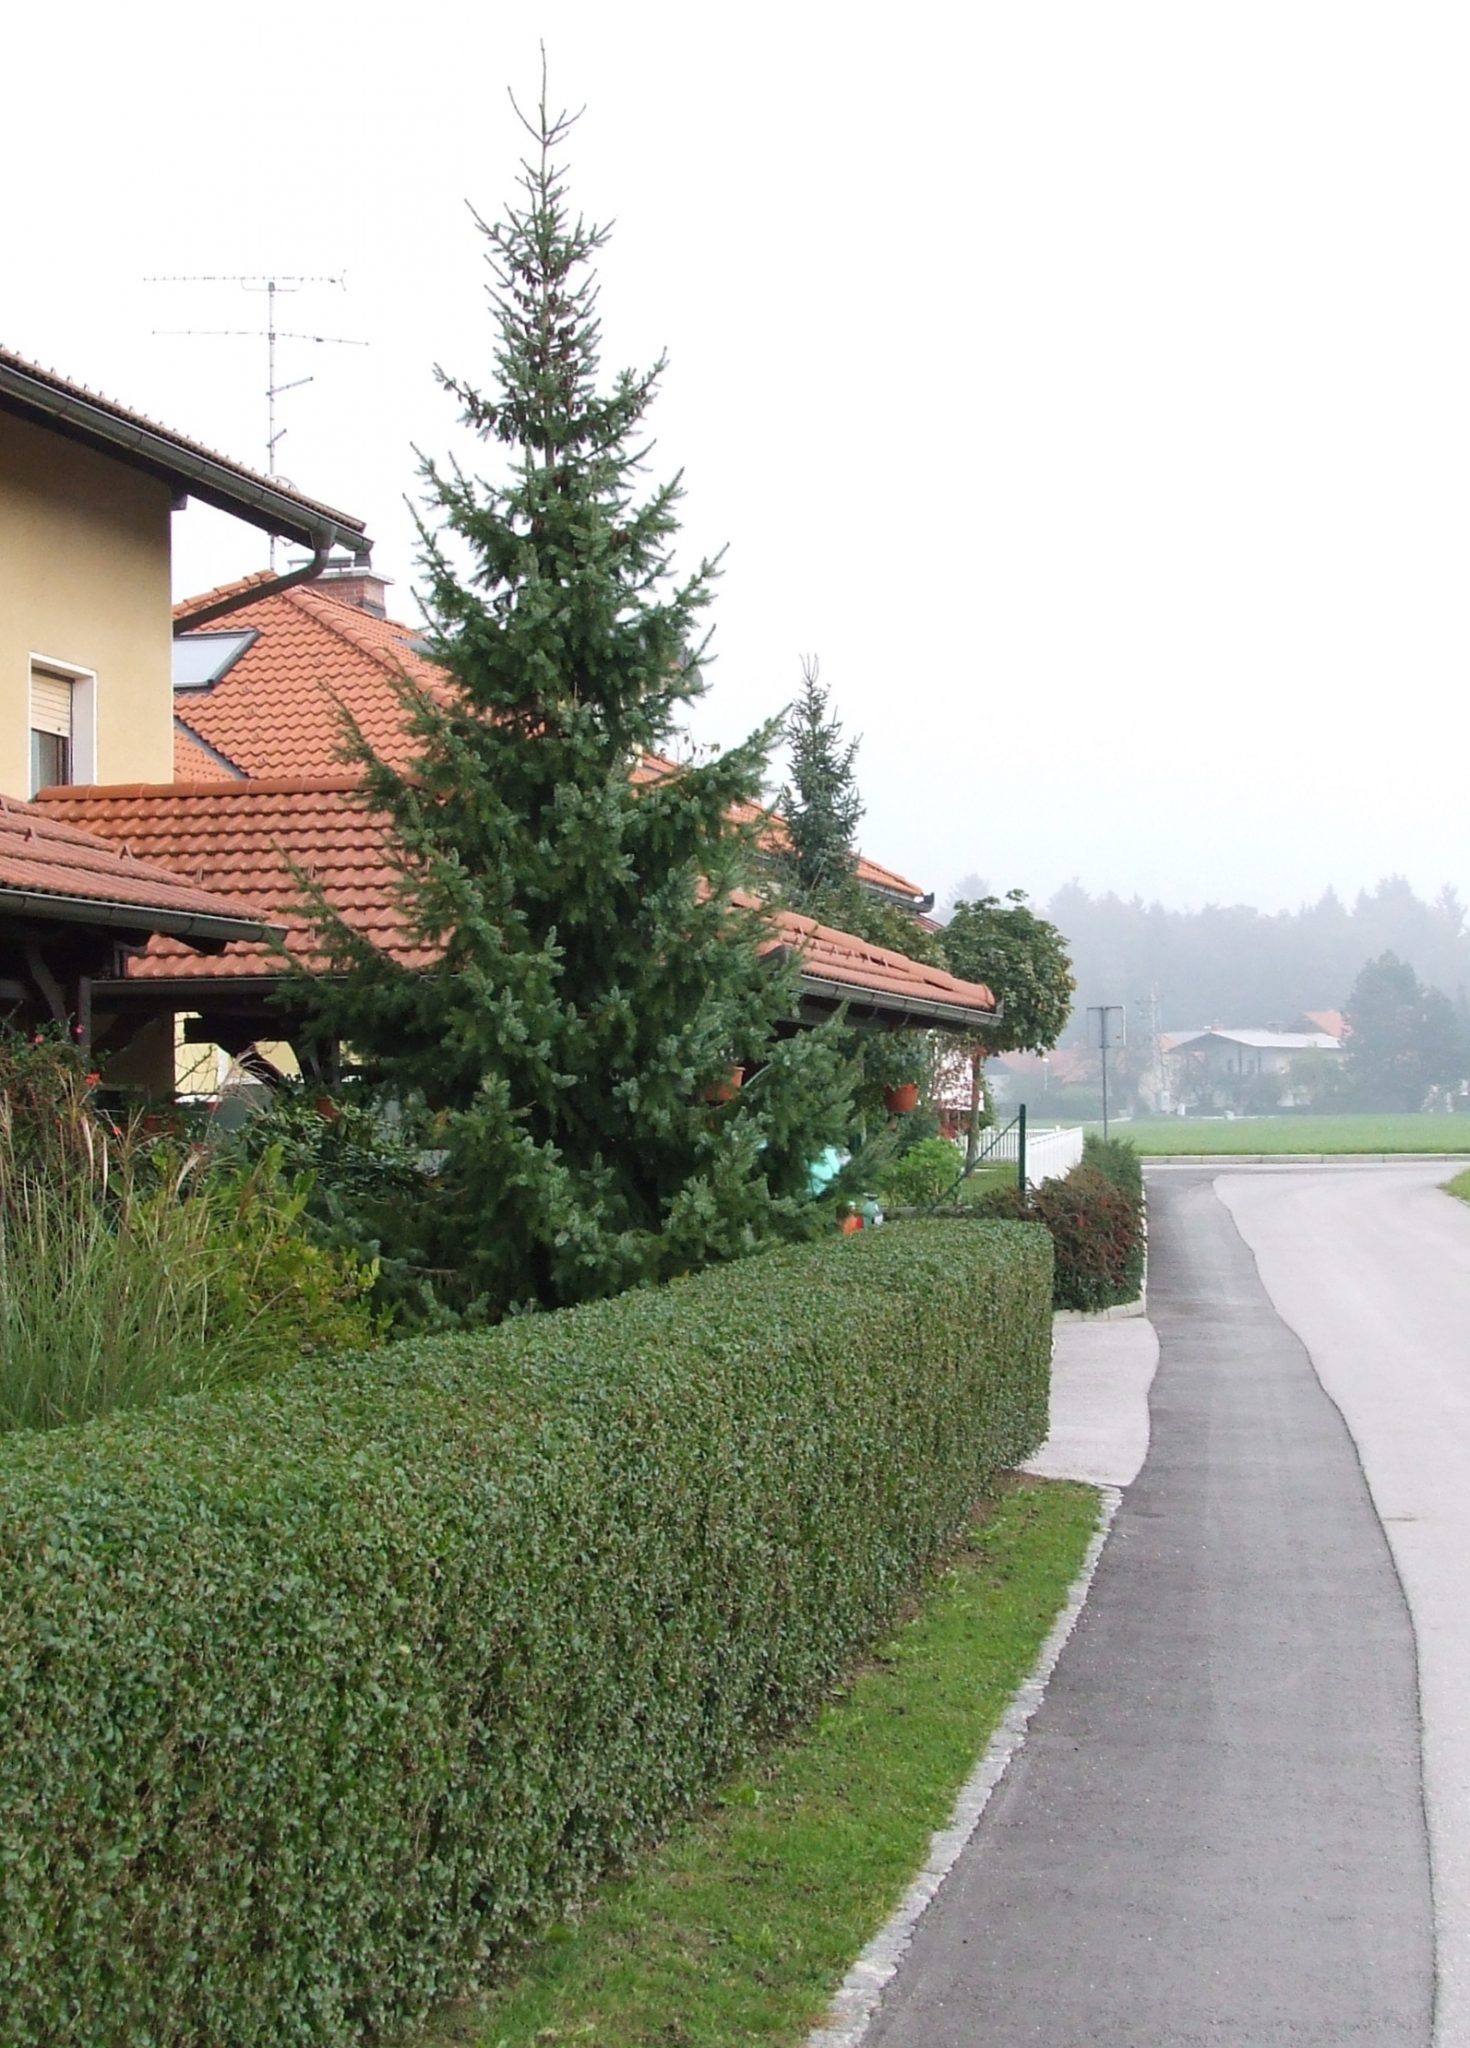 Rez, strižanje in pomlajevanje grmovnic